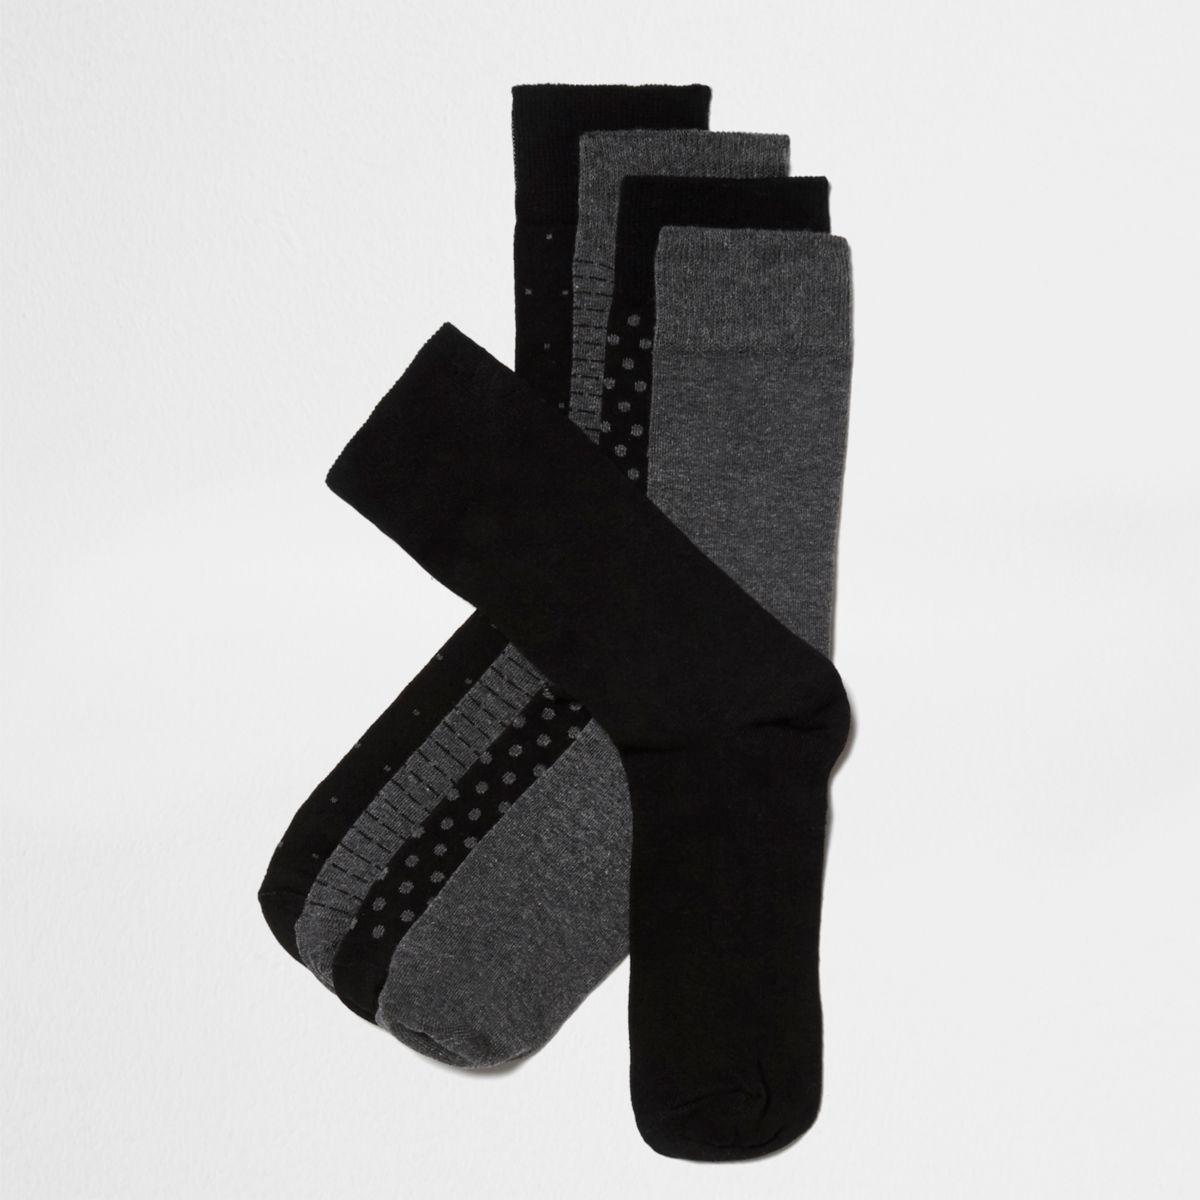 Schwarze, gepunktete Socken im Set